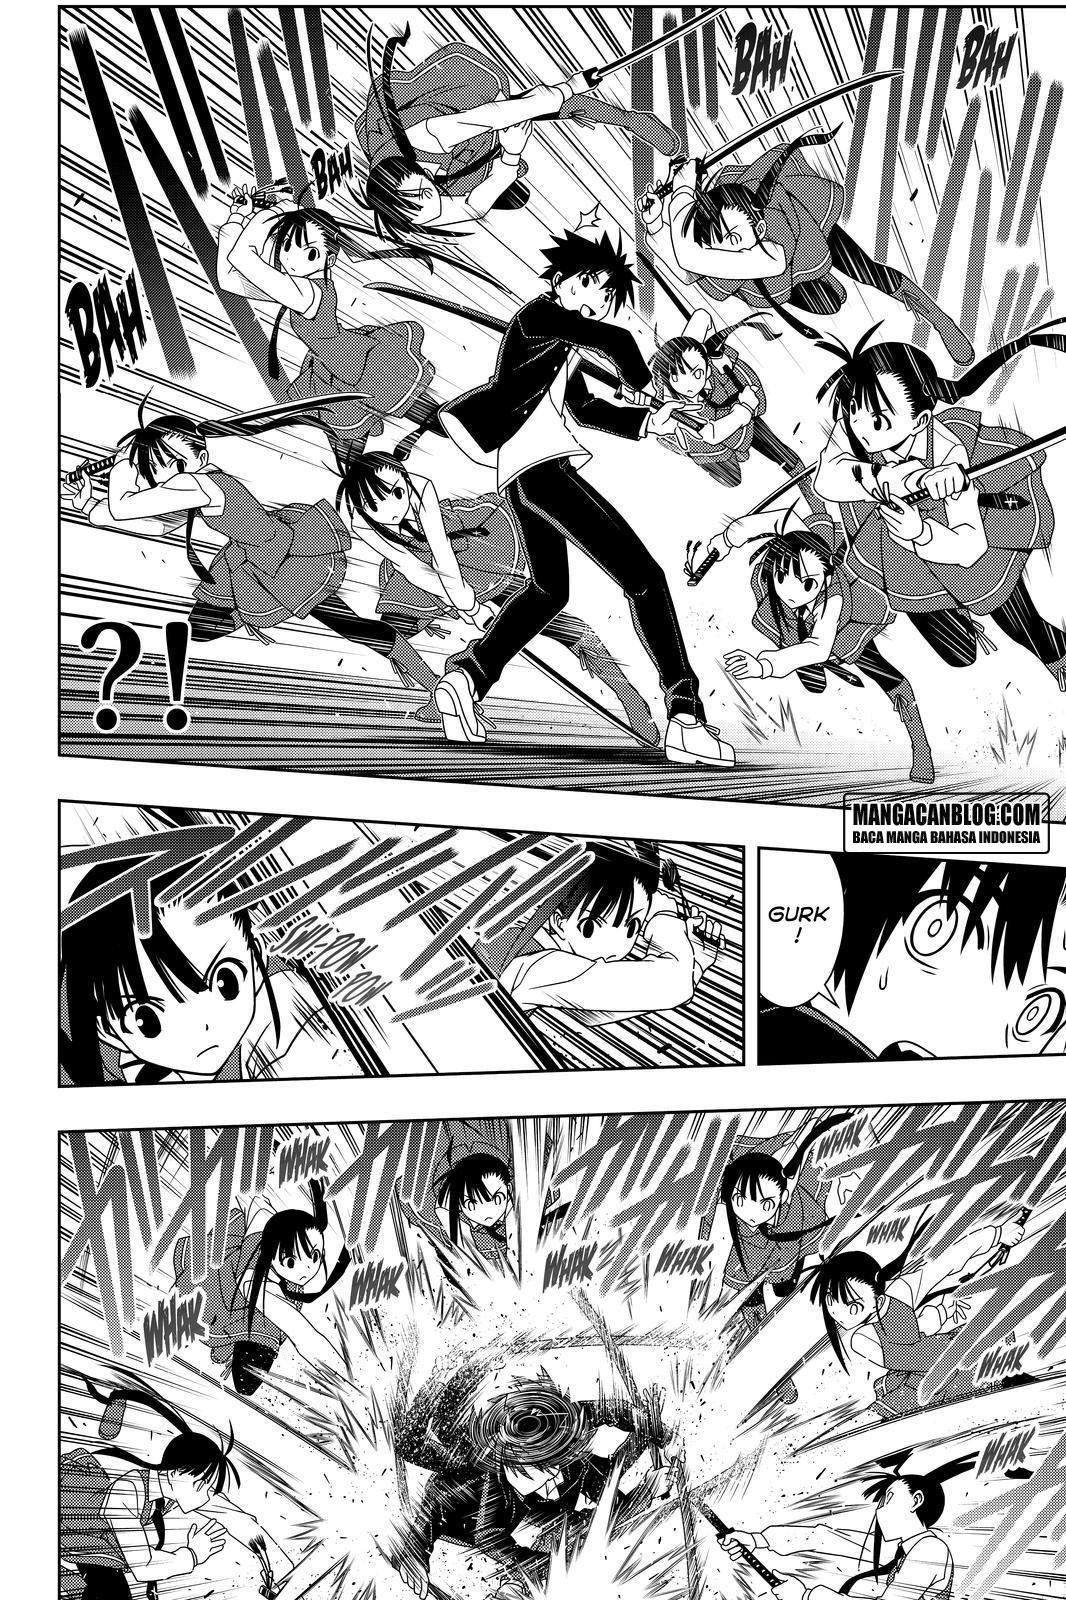 Komik uq holder 113 - ayo pergi dengan metode kekerasan 114 Indonesia uq holder 113 - ayo pergi dengan metode kekerasan Terbaru 6|Baca Manga Komik Indonesia